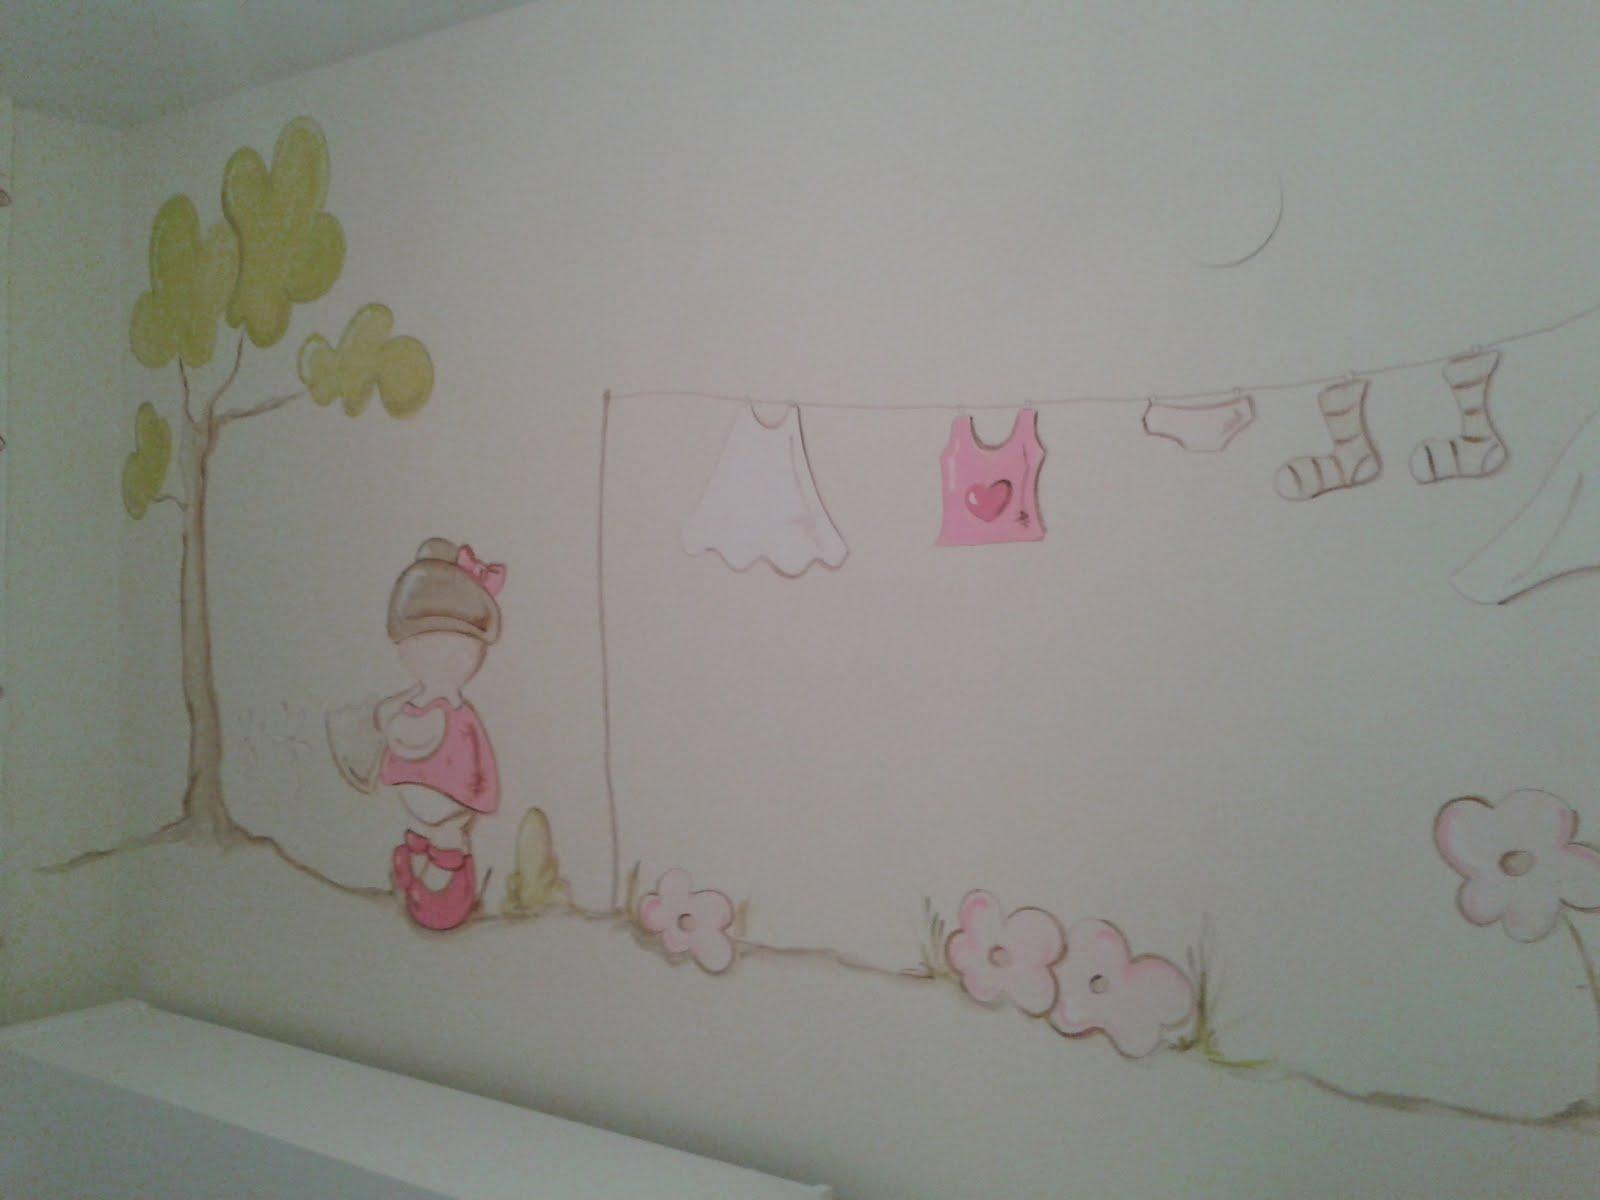 Des murs enchant s peinture murale desmursenchantes for Chambre bebe peinture murale